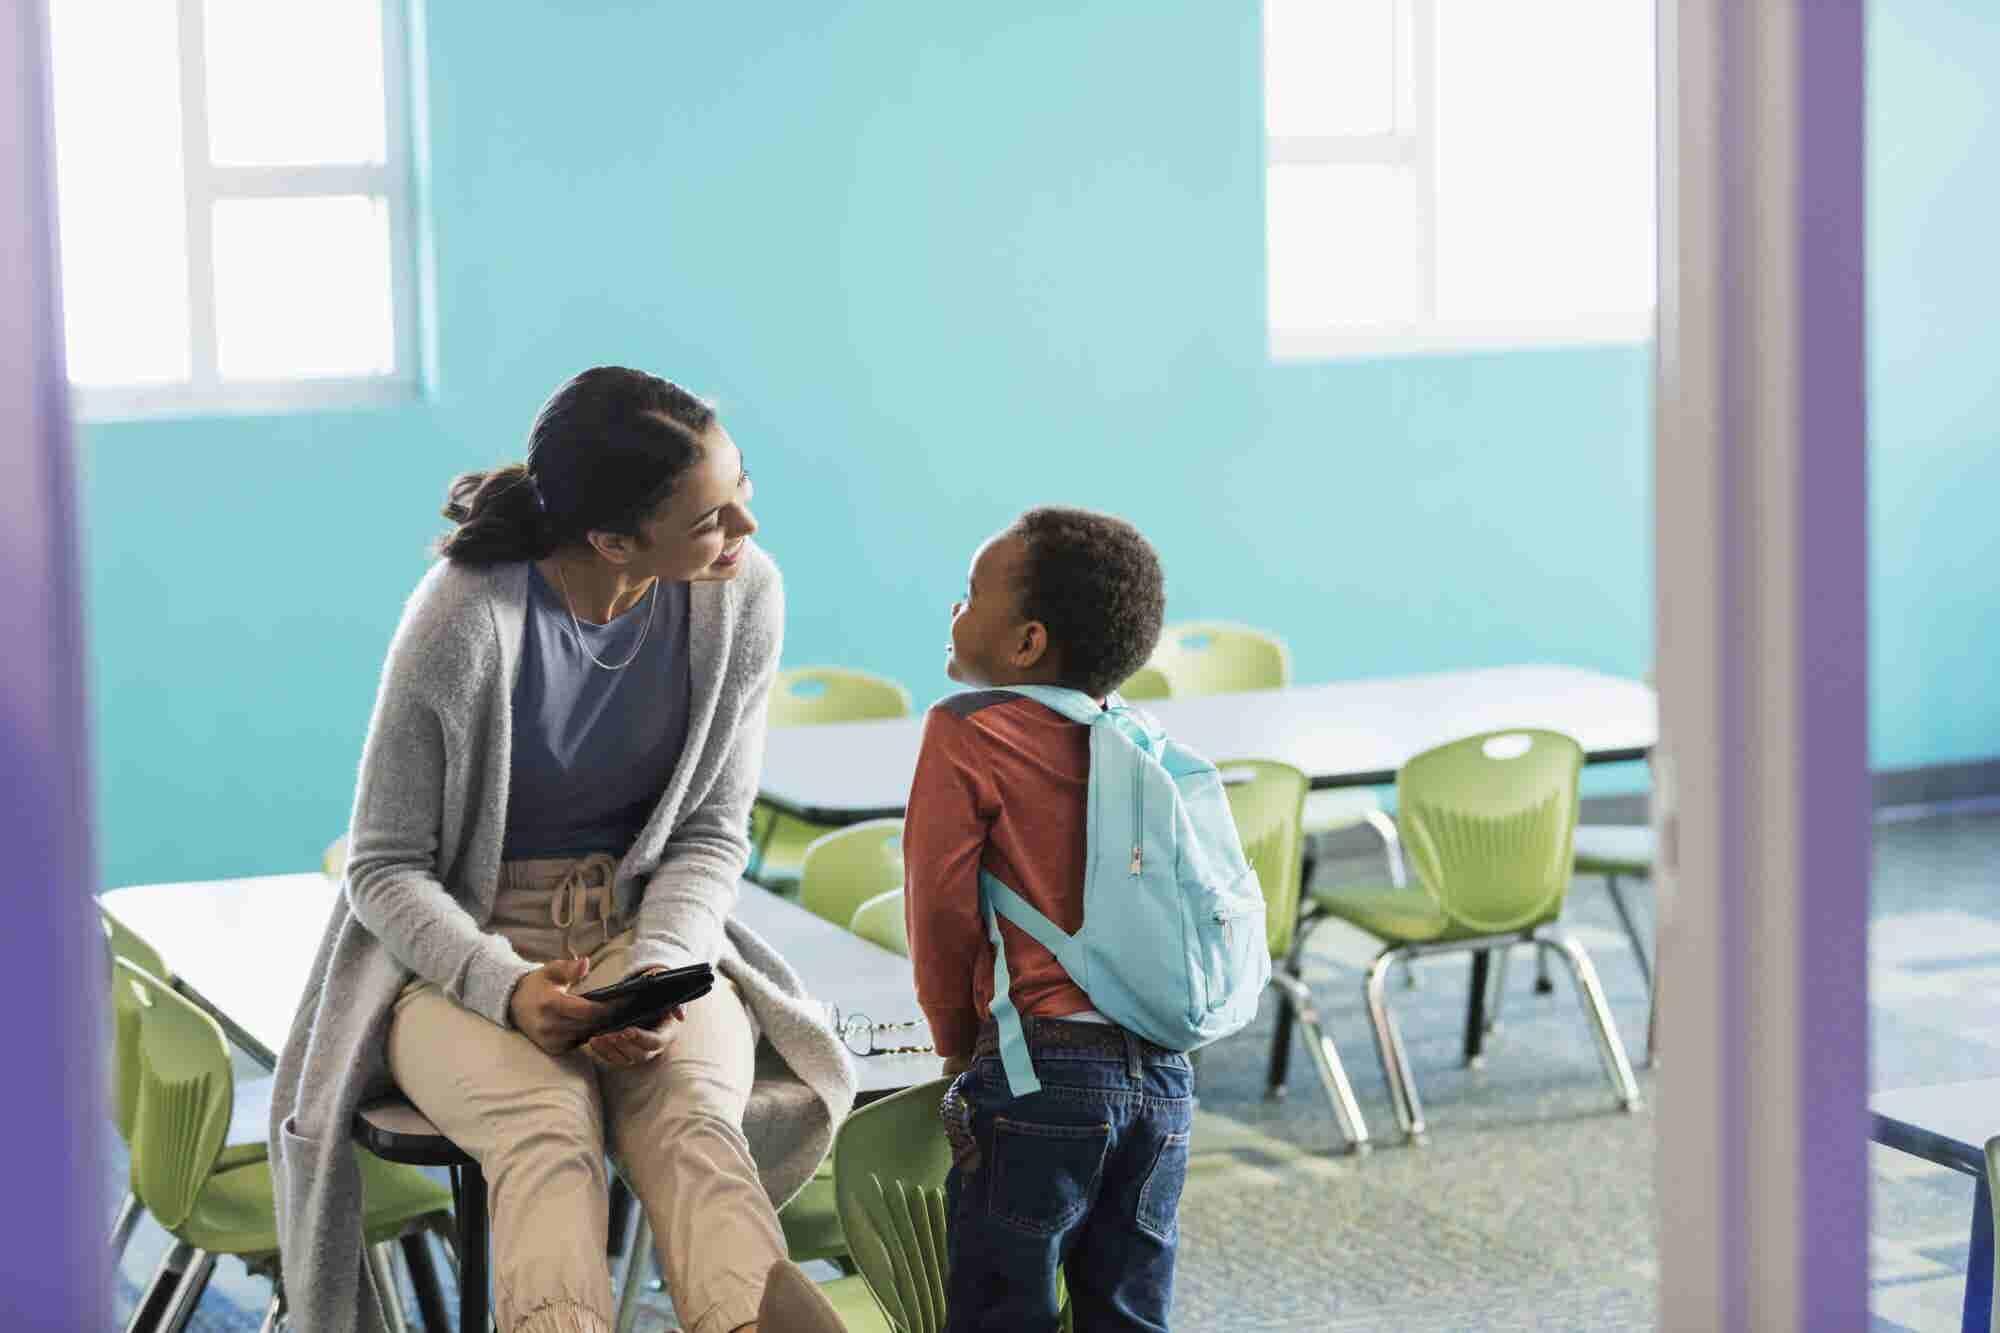 5 Lessons Entrepreneurs Can Glean From Their Kids' K-12 Teachers